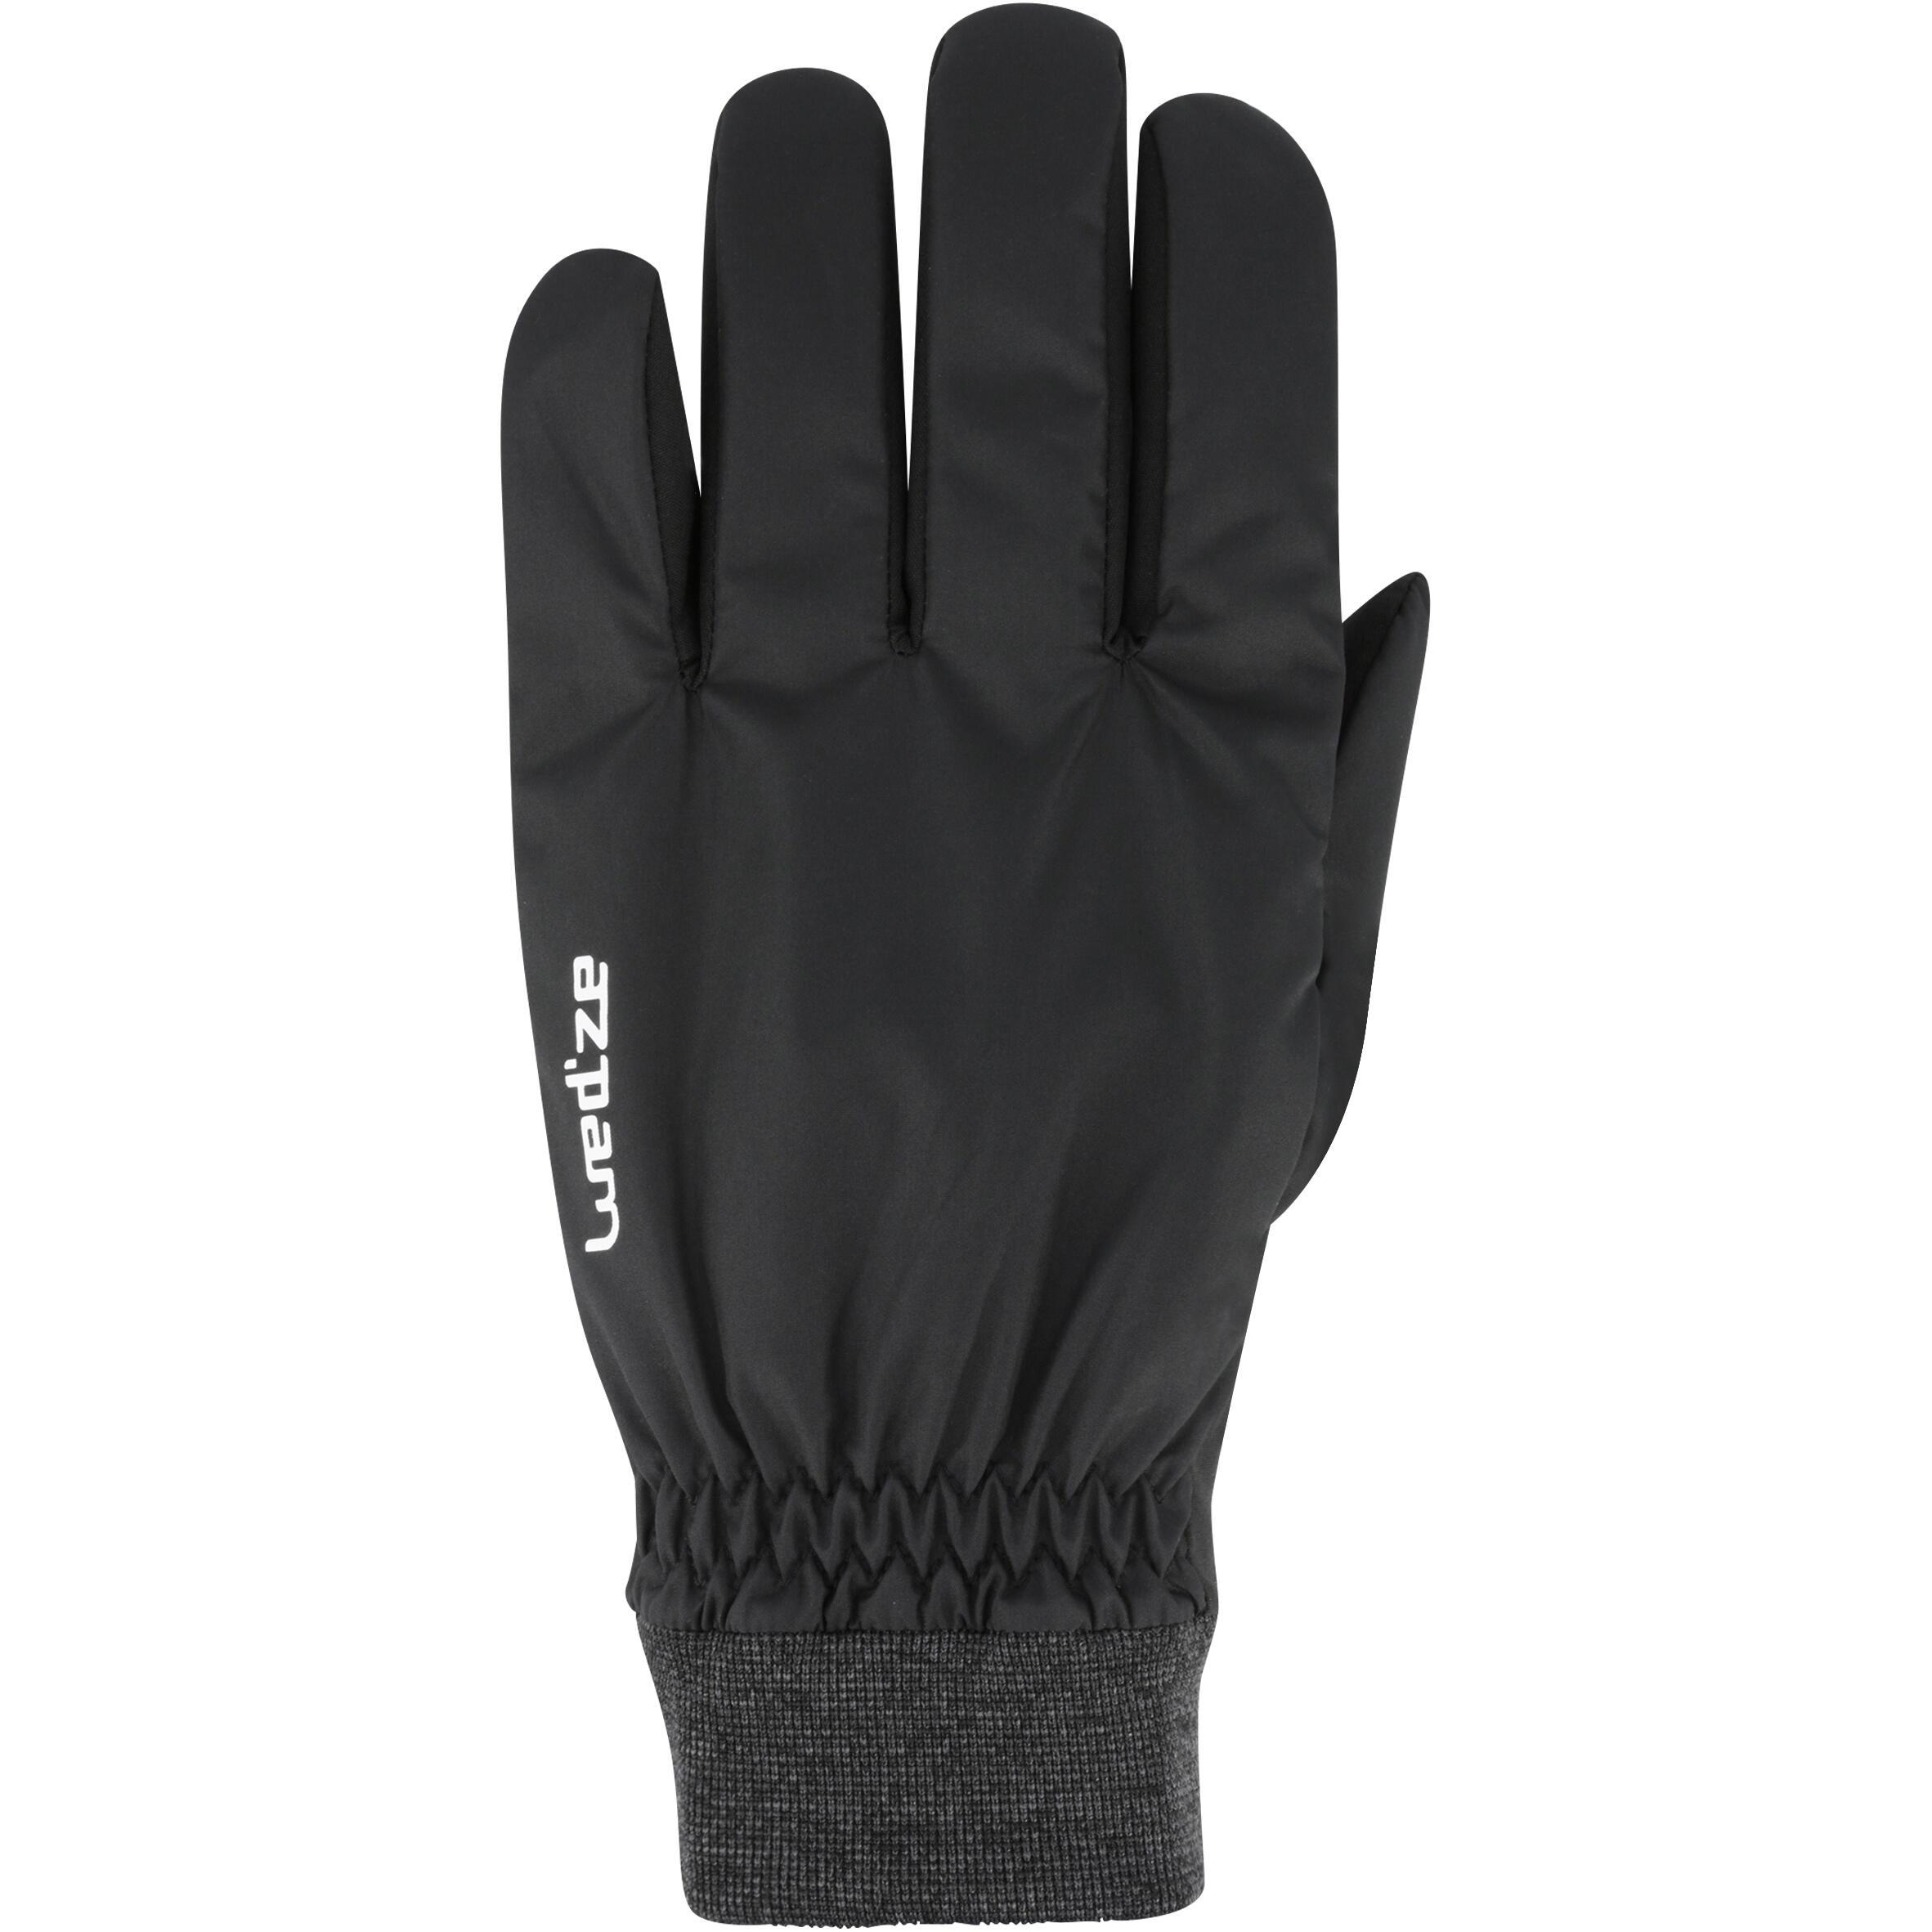 Warm Fit Adult Ski Gloves - Black